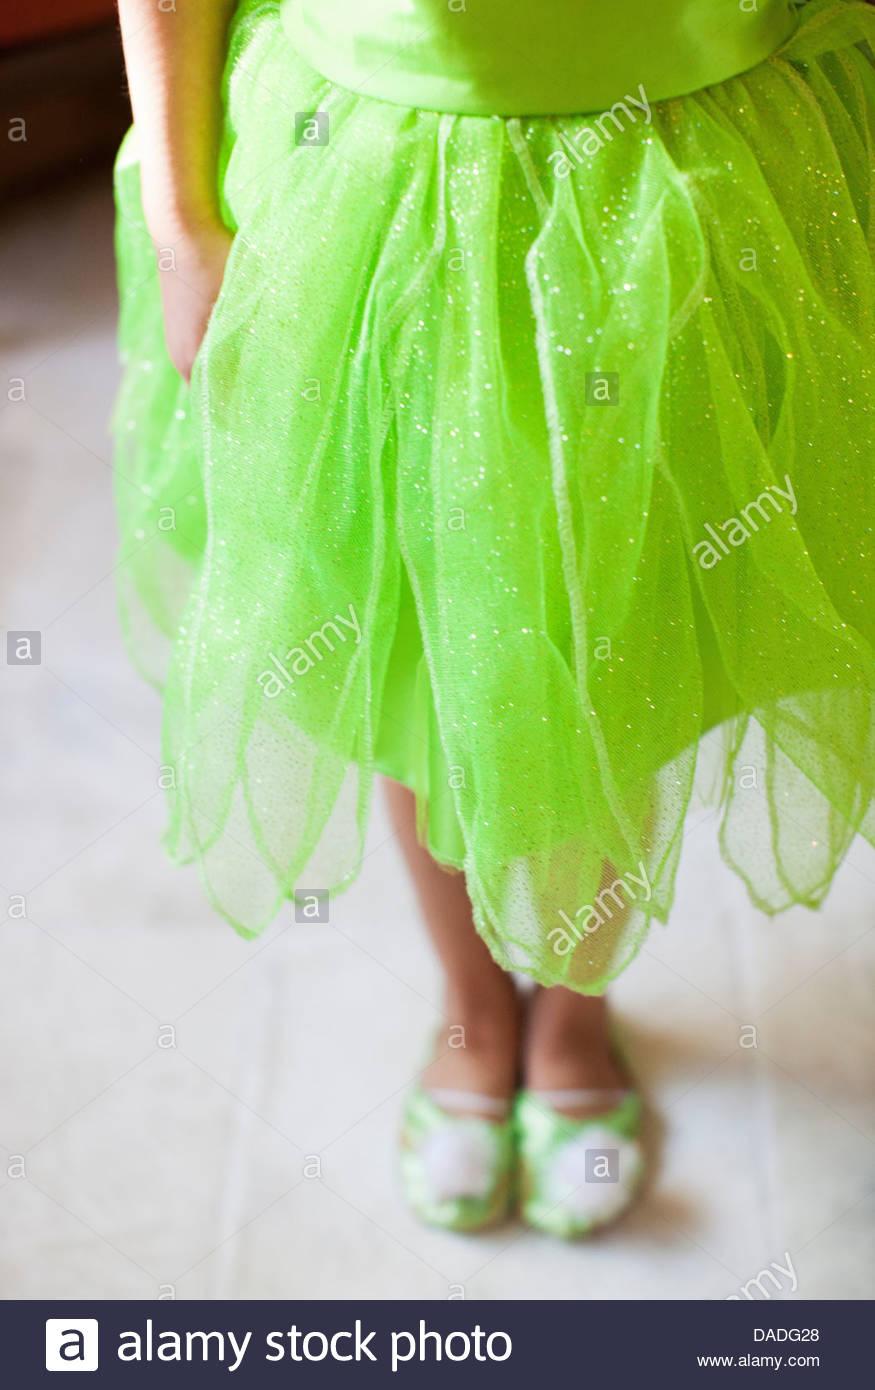 La moitié inférieure de la longueur en costume enfant fée verte Photo Stock